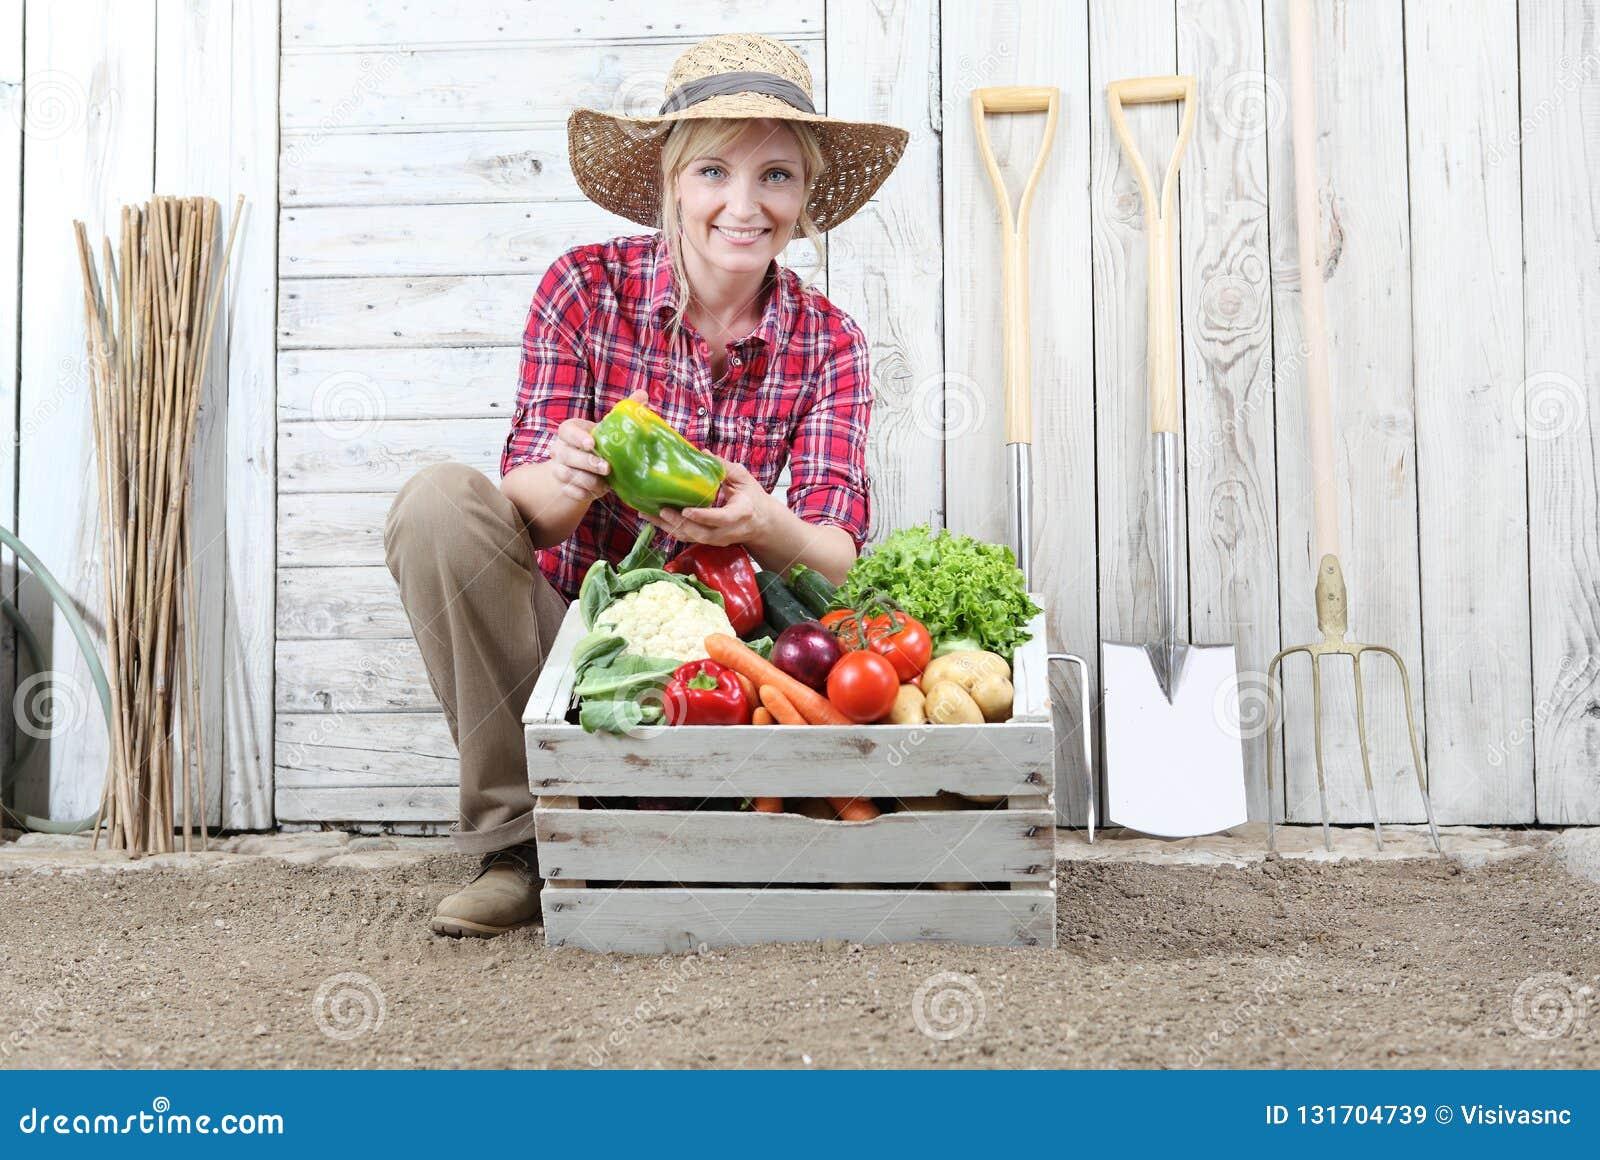 Mujer sonriente en huerto con la caja de madera por completo de verduras en el fondo blanco de la pared con las herramientas